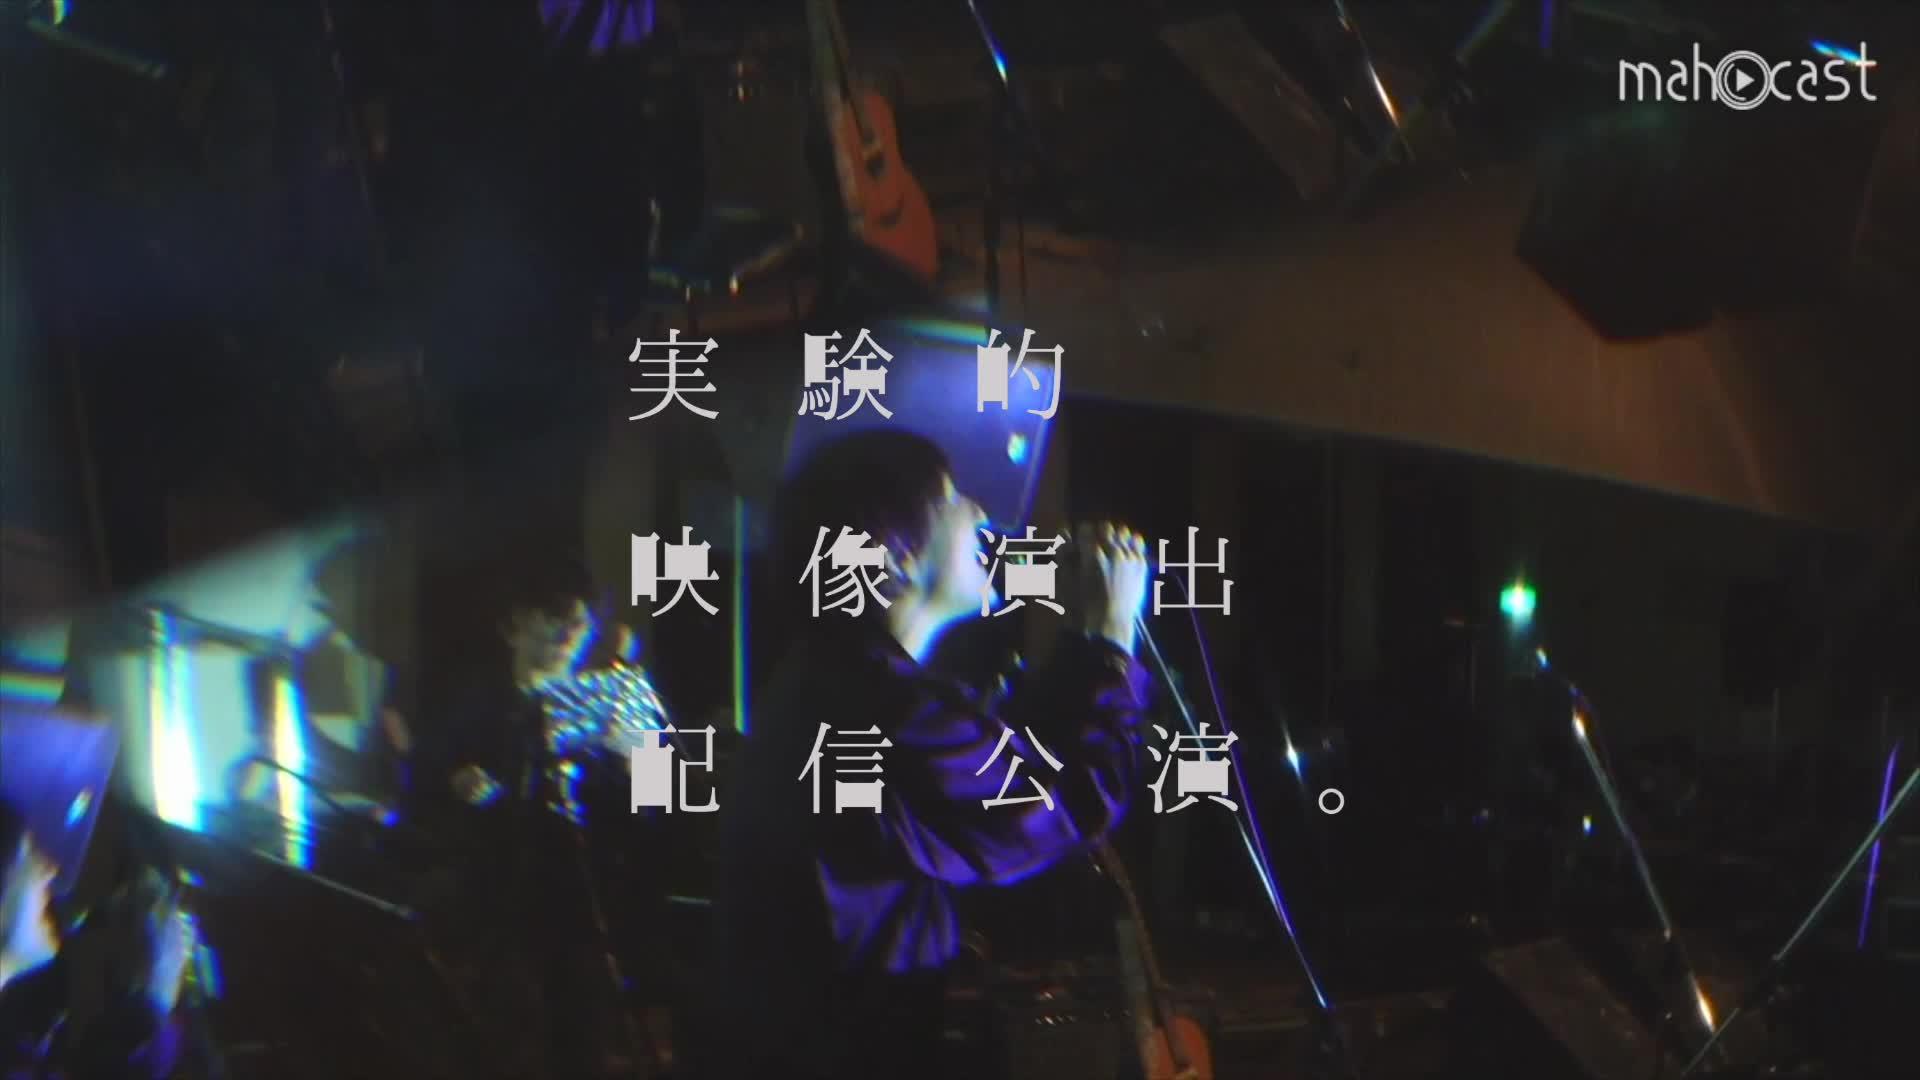 2019.10.16実験的映像演出配信公演